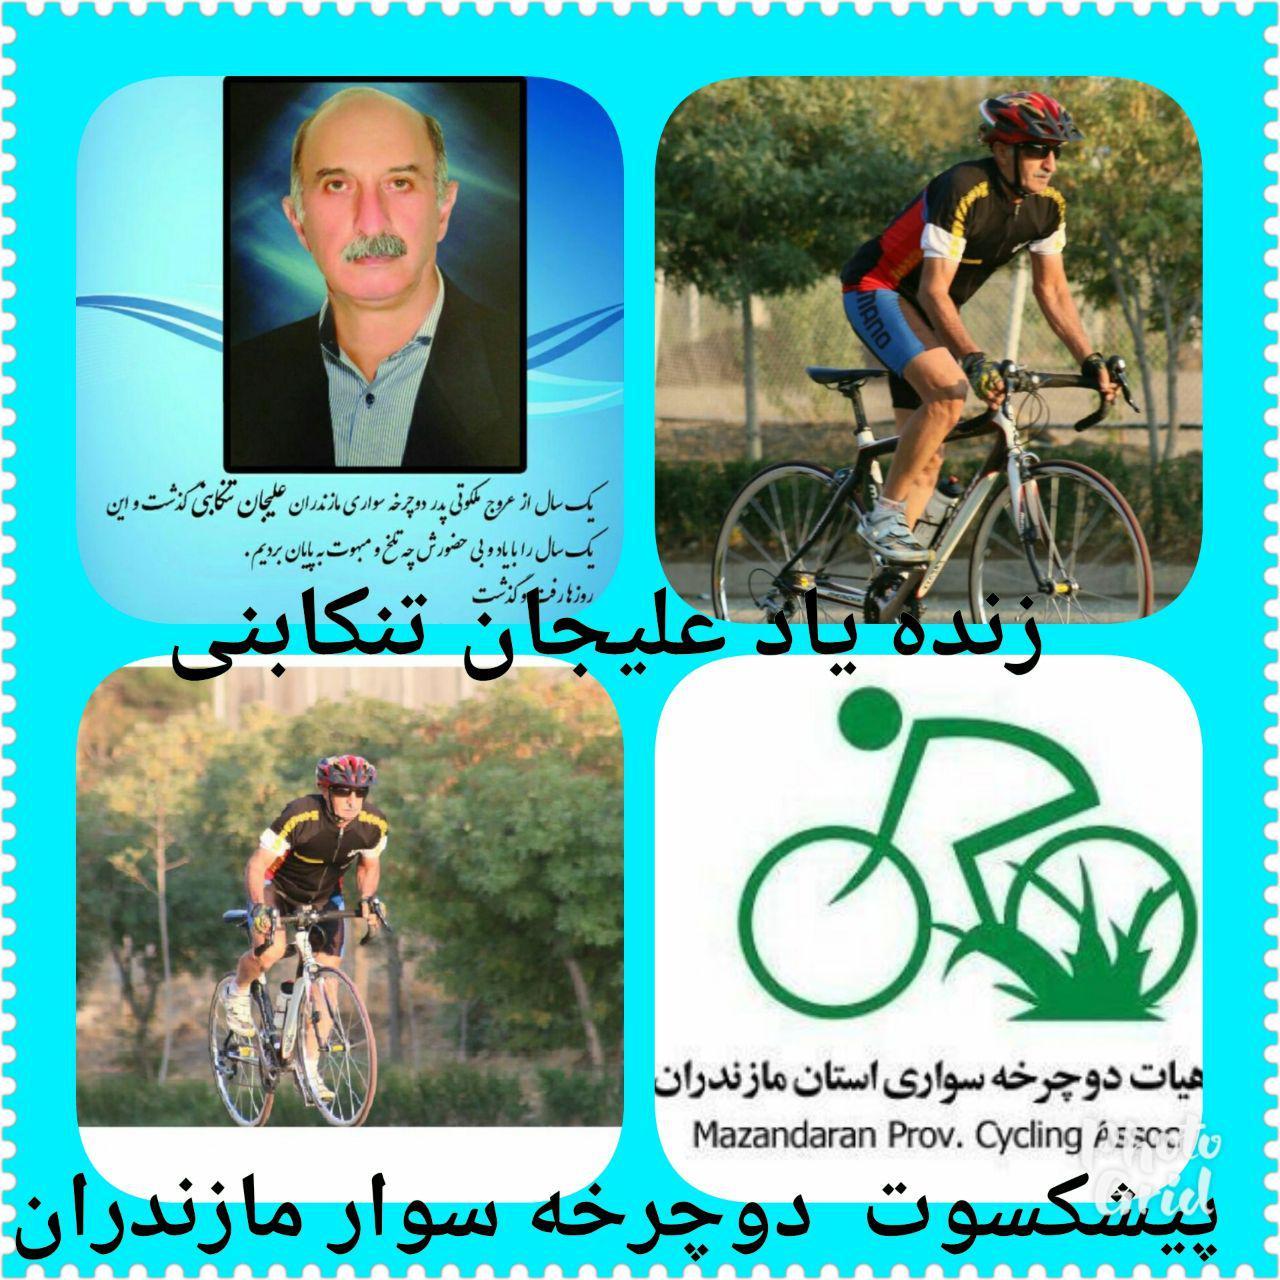 اختتامیه دوازدهمین دوره از مسابقات قهرمانی لیگ دوچرخه سواری مازندران برگزار شد